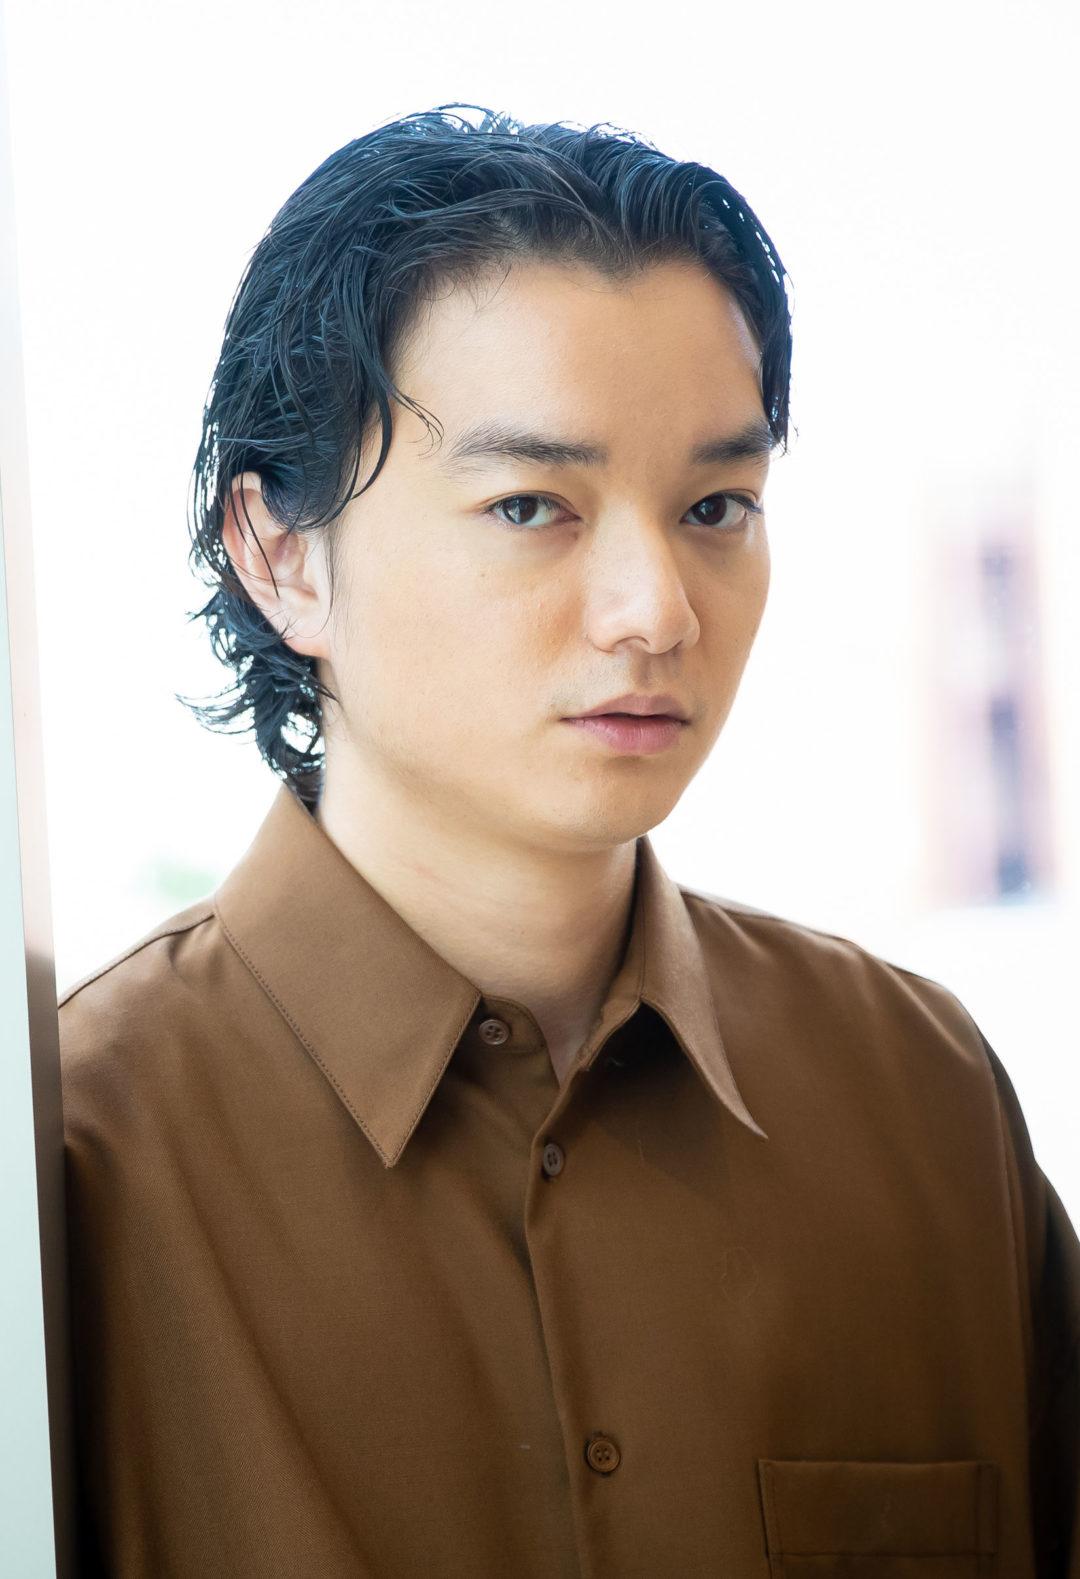 染谷将太×戸田恵梨香が語る映画とドラマの違い、俳優としてのルーツと感化された一冊